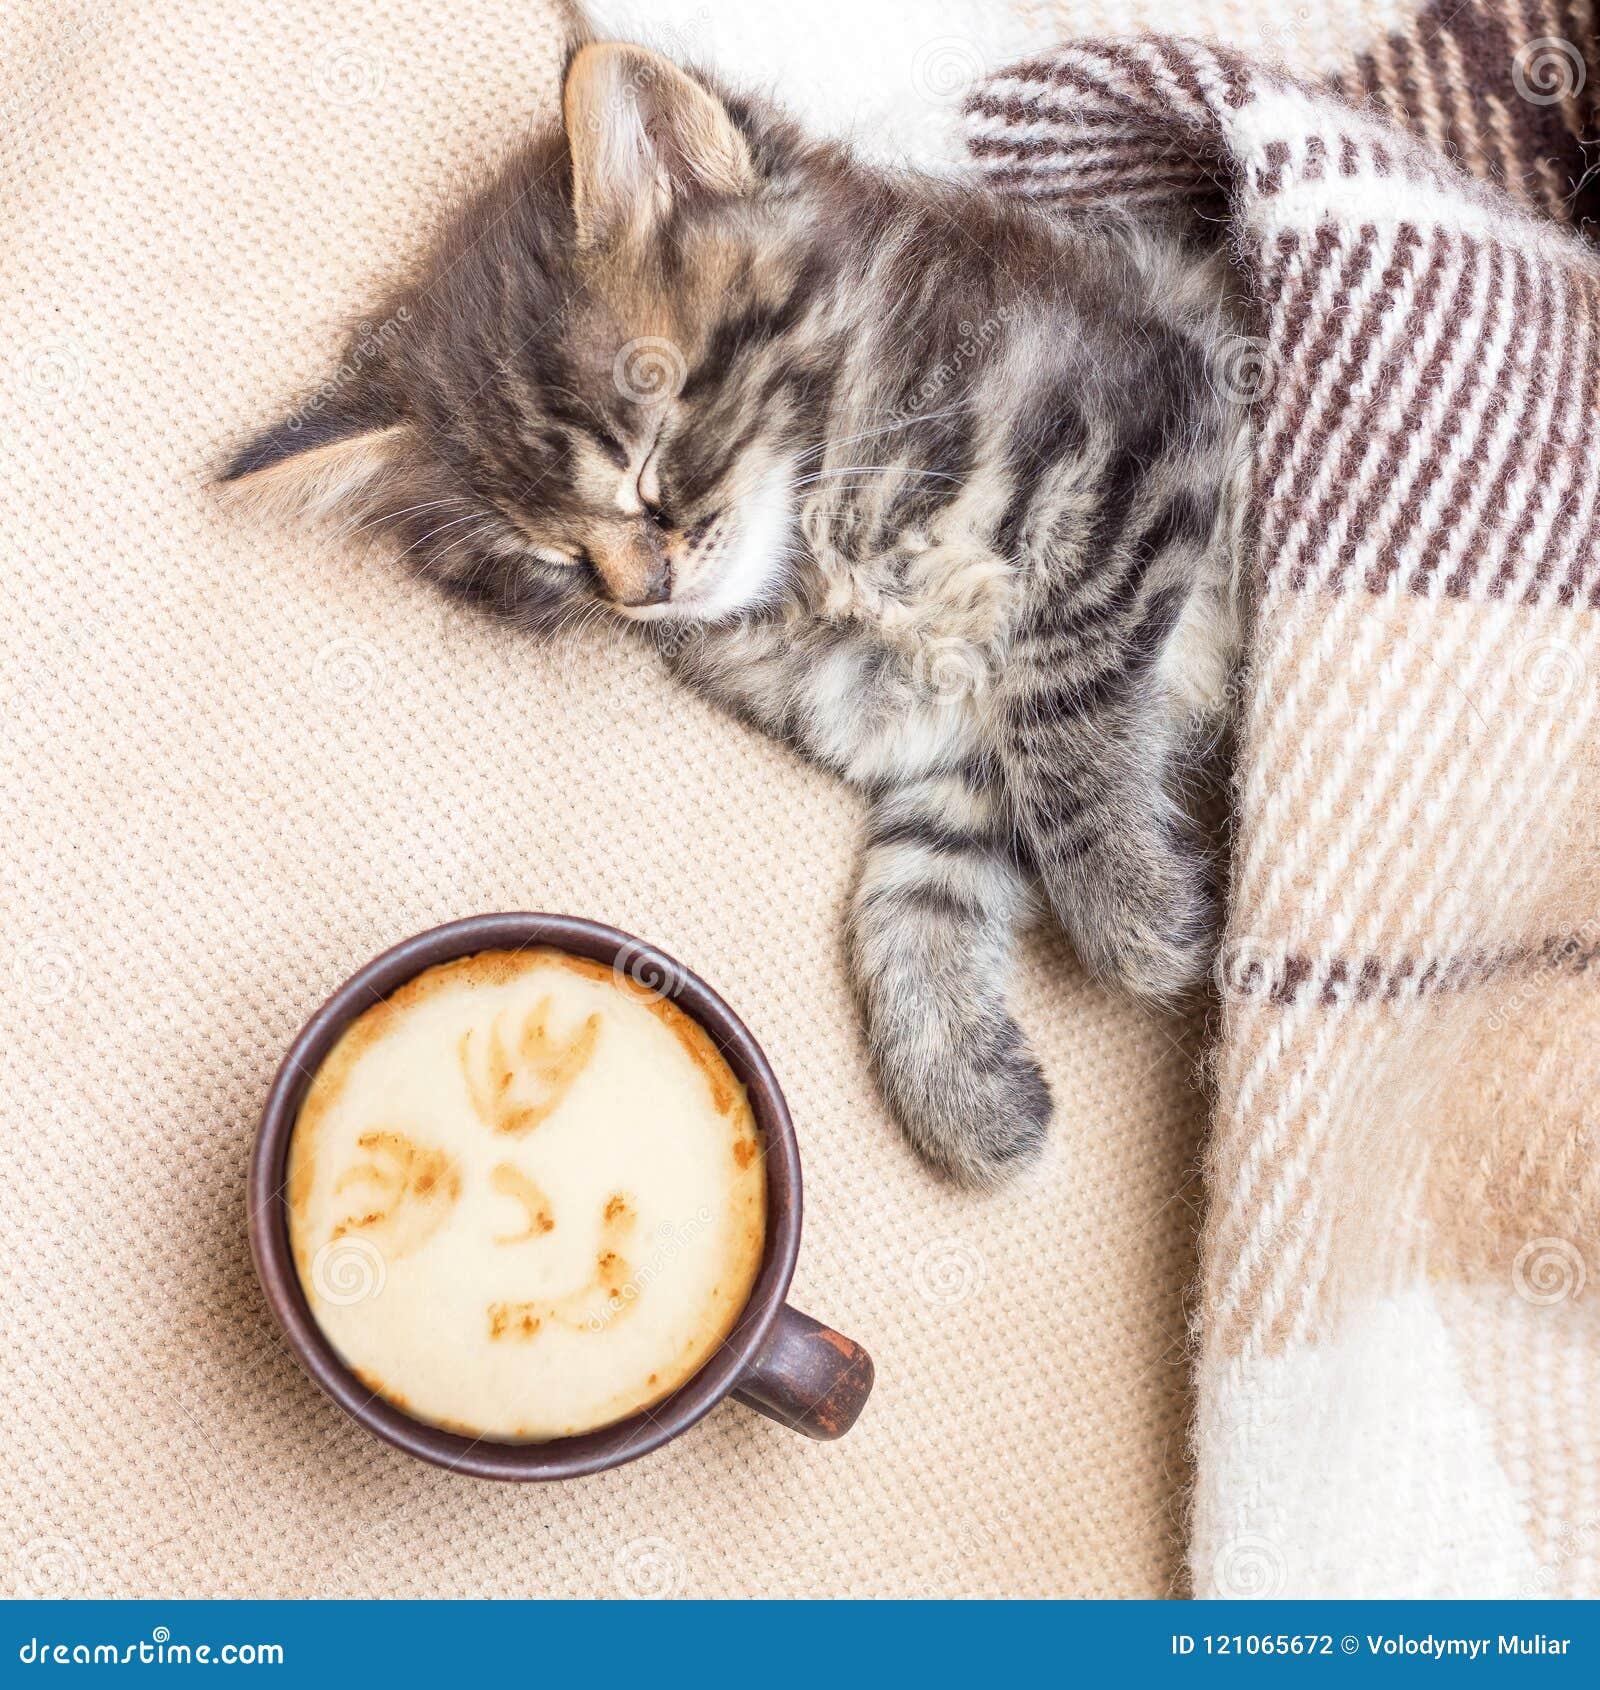 Filiżanki kawy pobliska figlarka która jest uśpiona troszkę Gorąca kawa ja